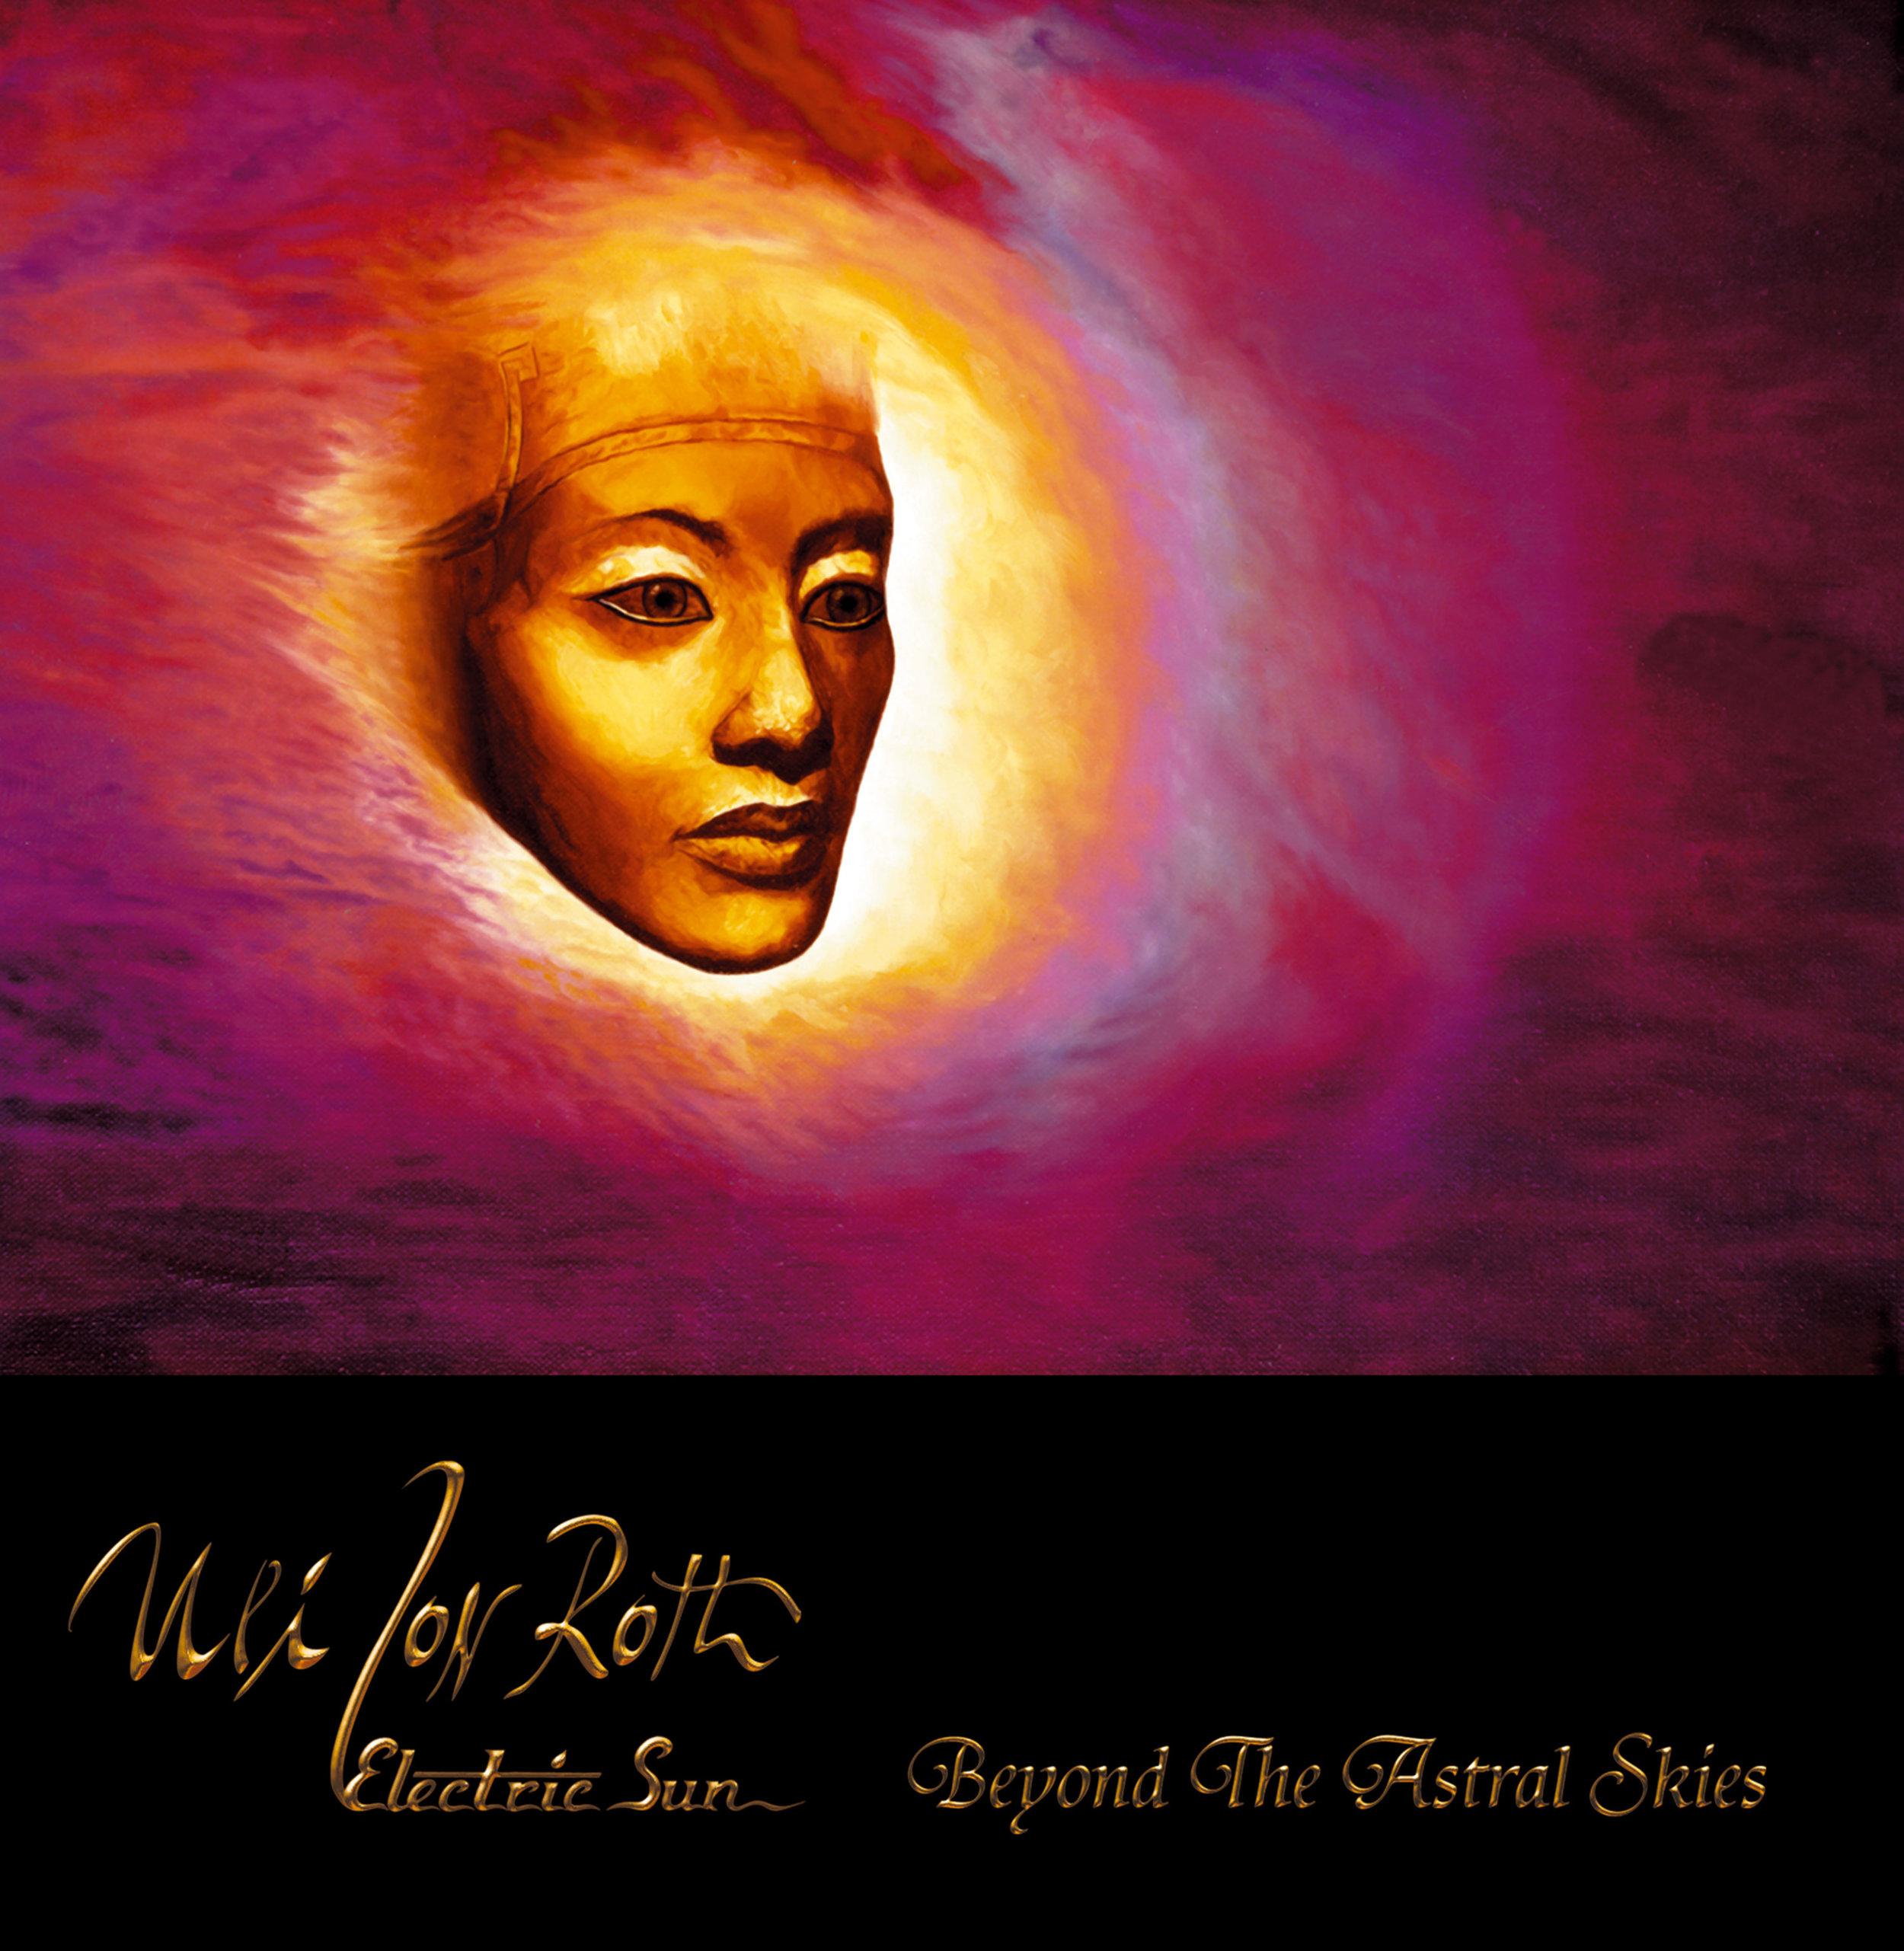 Beyond The Astral Skies (1985)